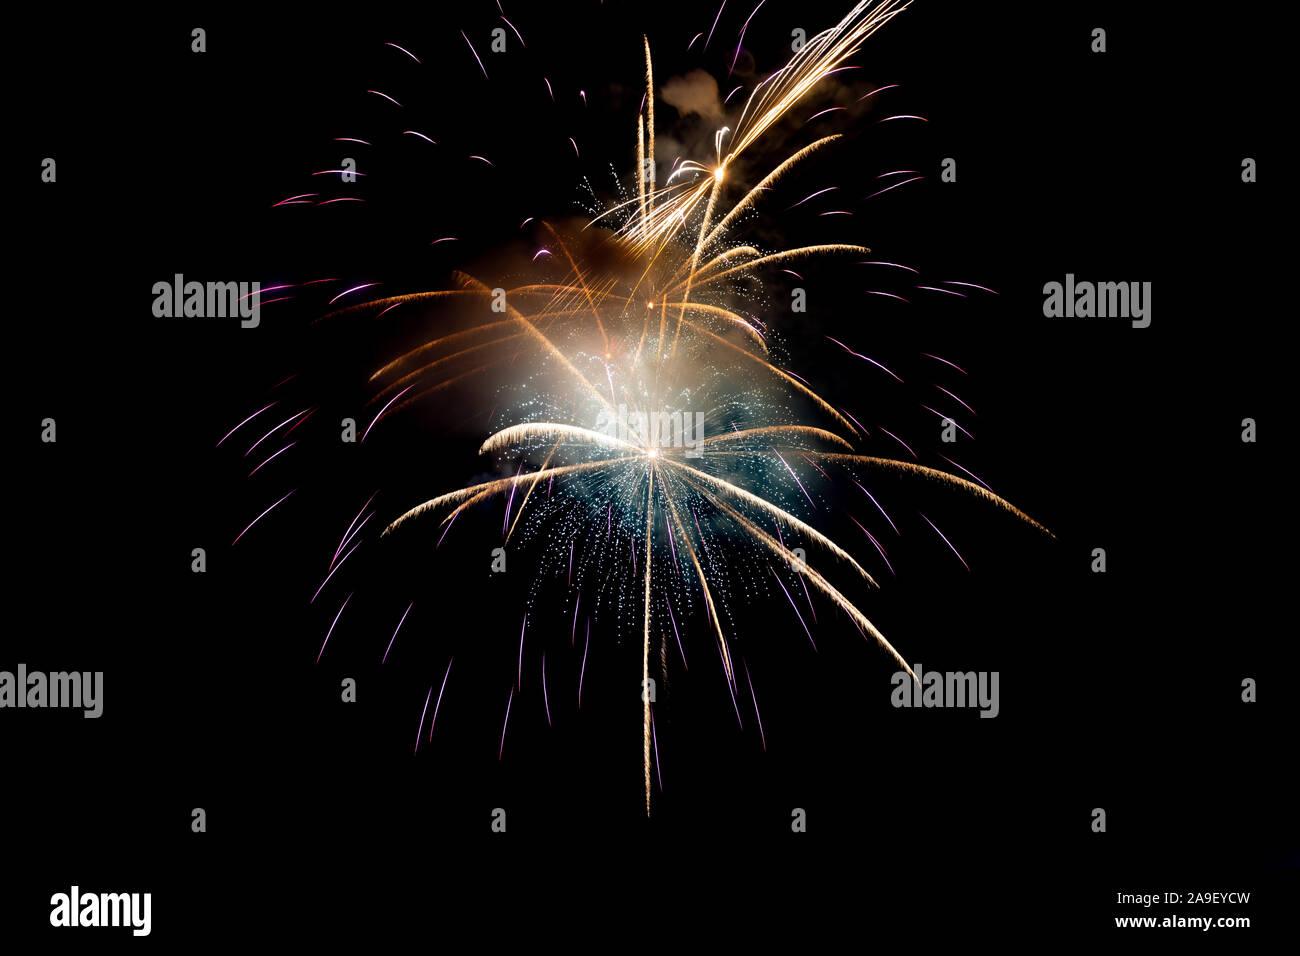 Púrpura o violeta con fondo amarillo brillante de Fireworks en una escena nocturna. Resumen de color de fondo y el humo de fuegos artificiales en el cielo Foto de stock